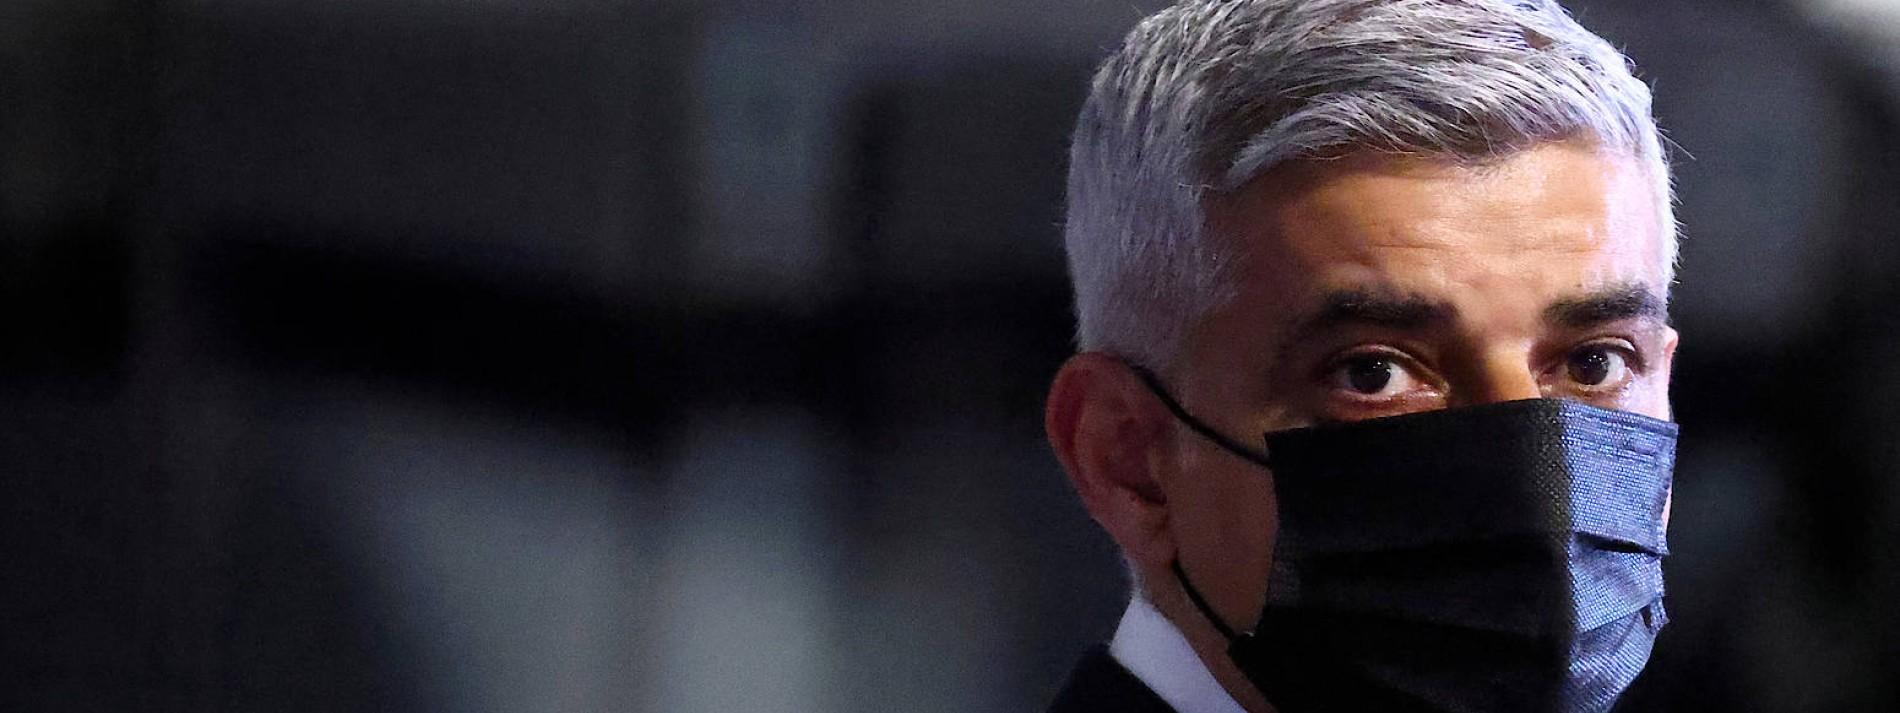 Londons Bürgermeister Sadiq Khan im Amt bestätigt